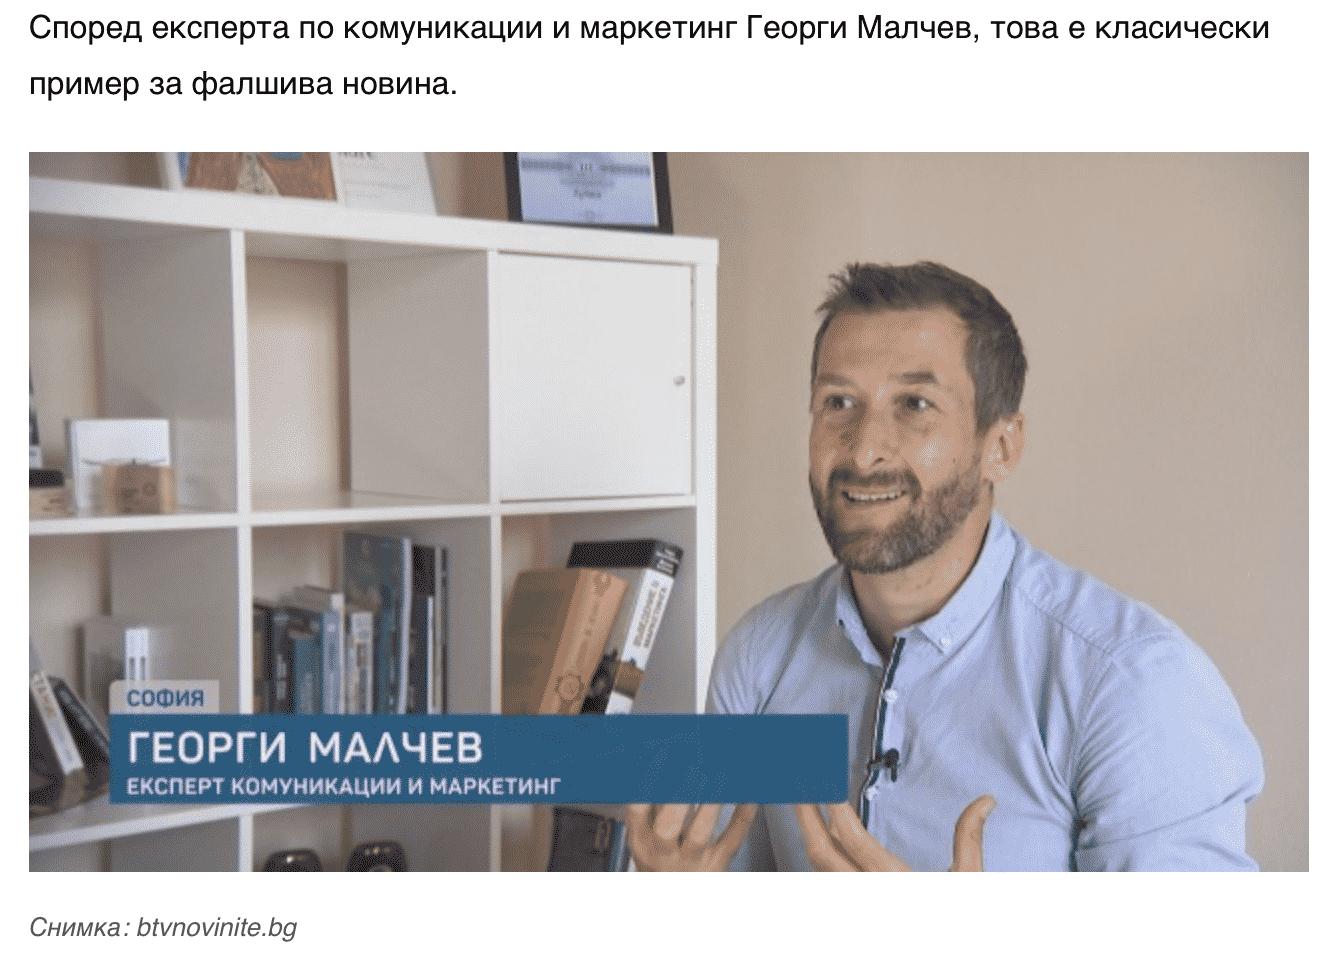 Георги Малчев отговаря на въпроси за фалшивите новини (интервю BTV)